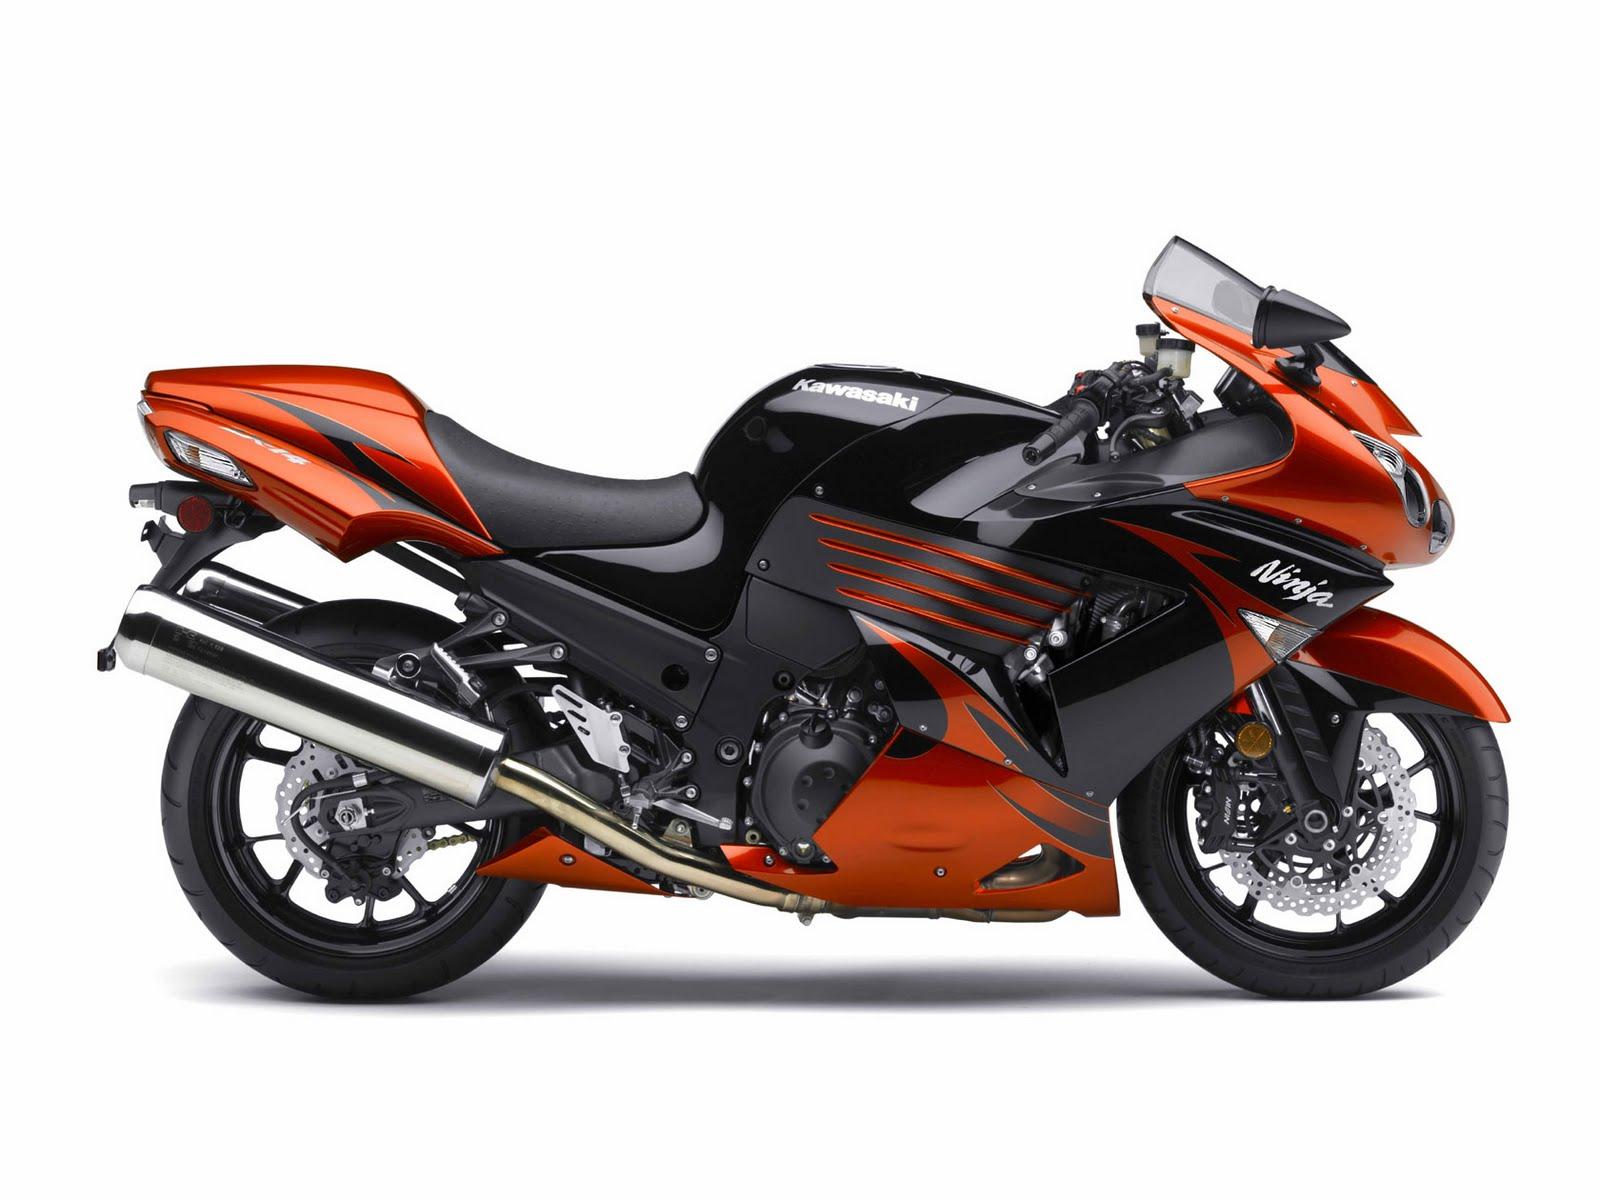 kawasaki ninja zx-14 | motorcycle blog